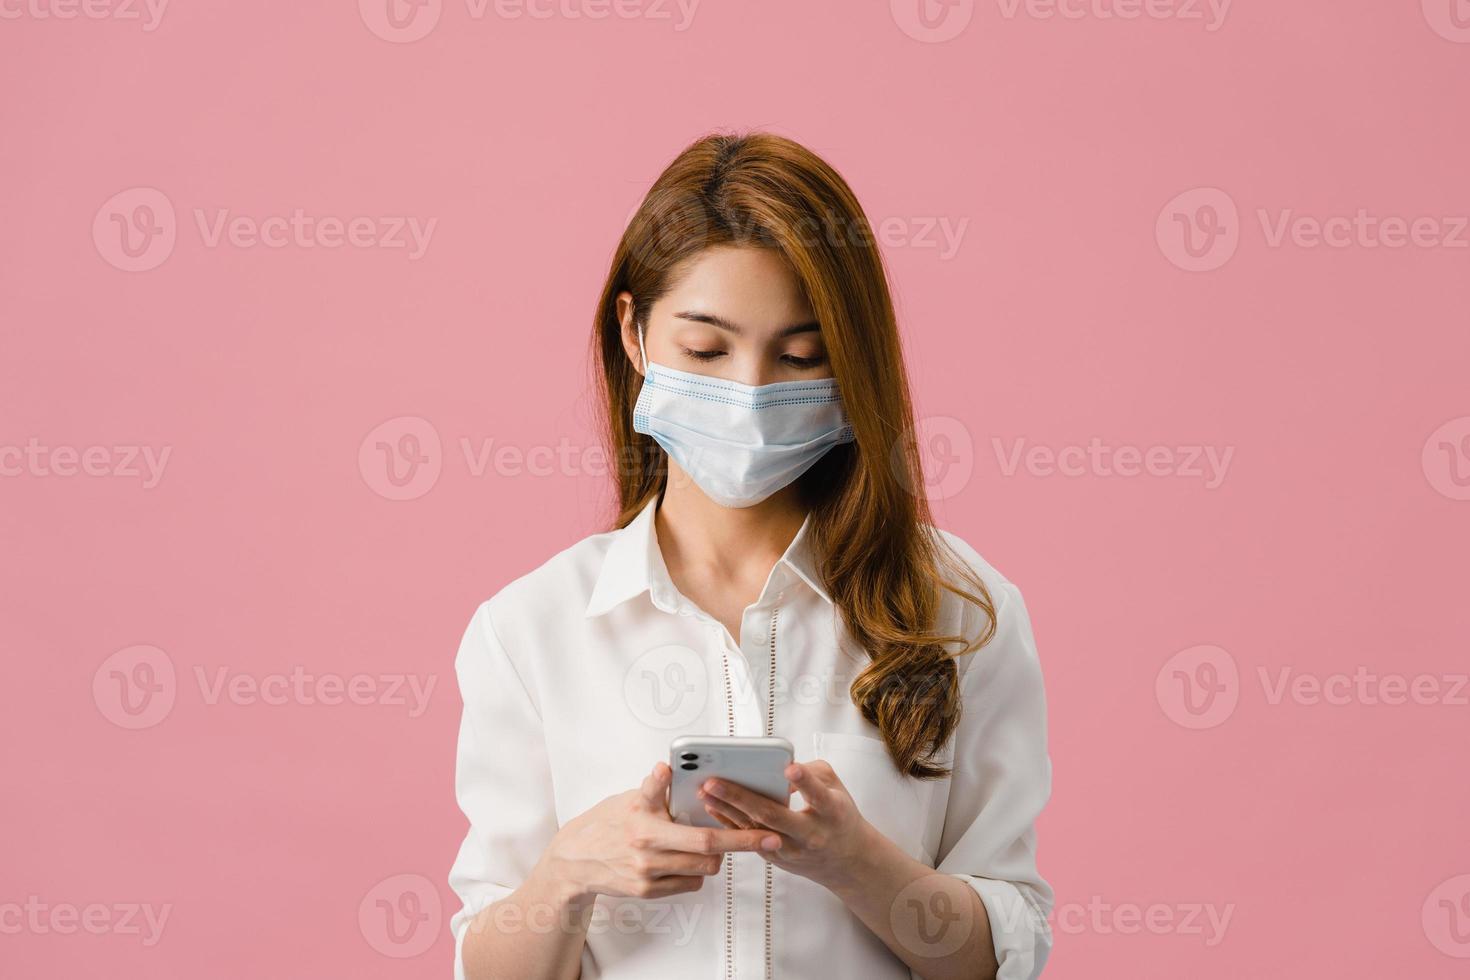 Joven asiática con mascarilla médica mediante teléfono móvil vestida con ropa casual aislada sobre fondo rosa. autoaislamiento, distanciamiento social, cuarentena para la prevención del coronavirus. foto